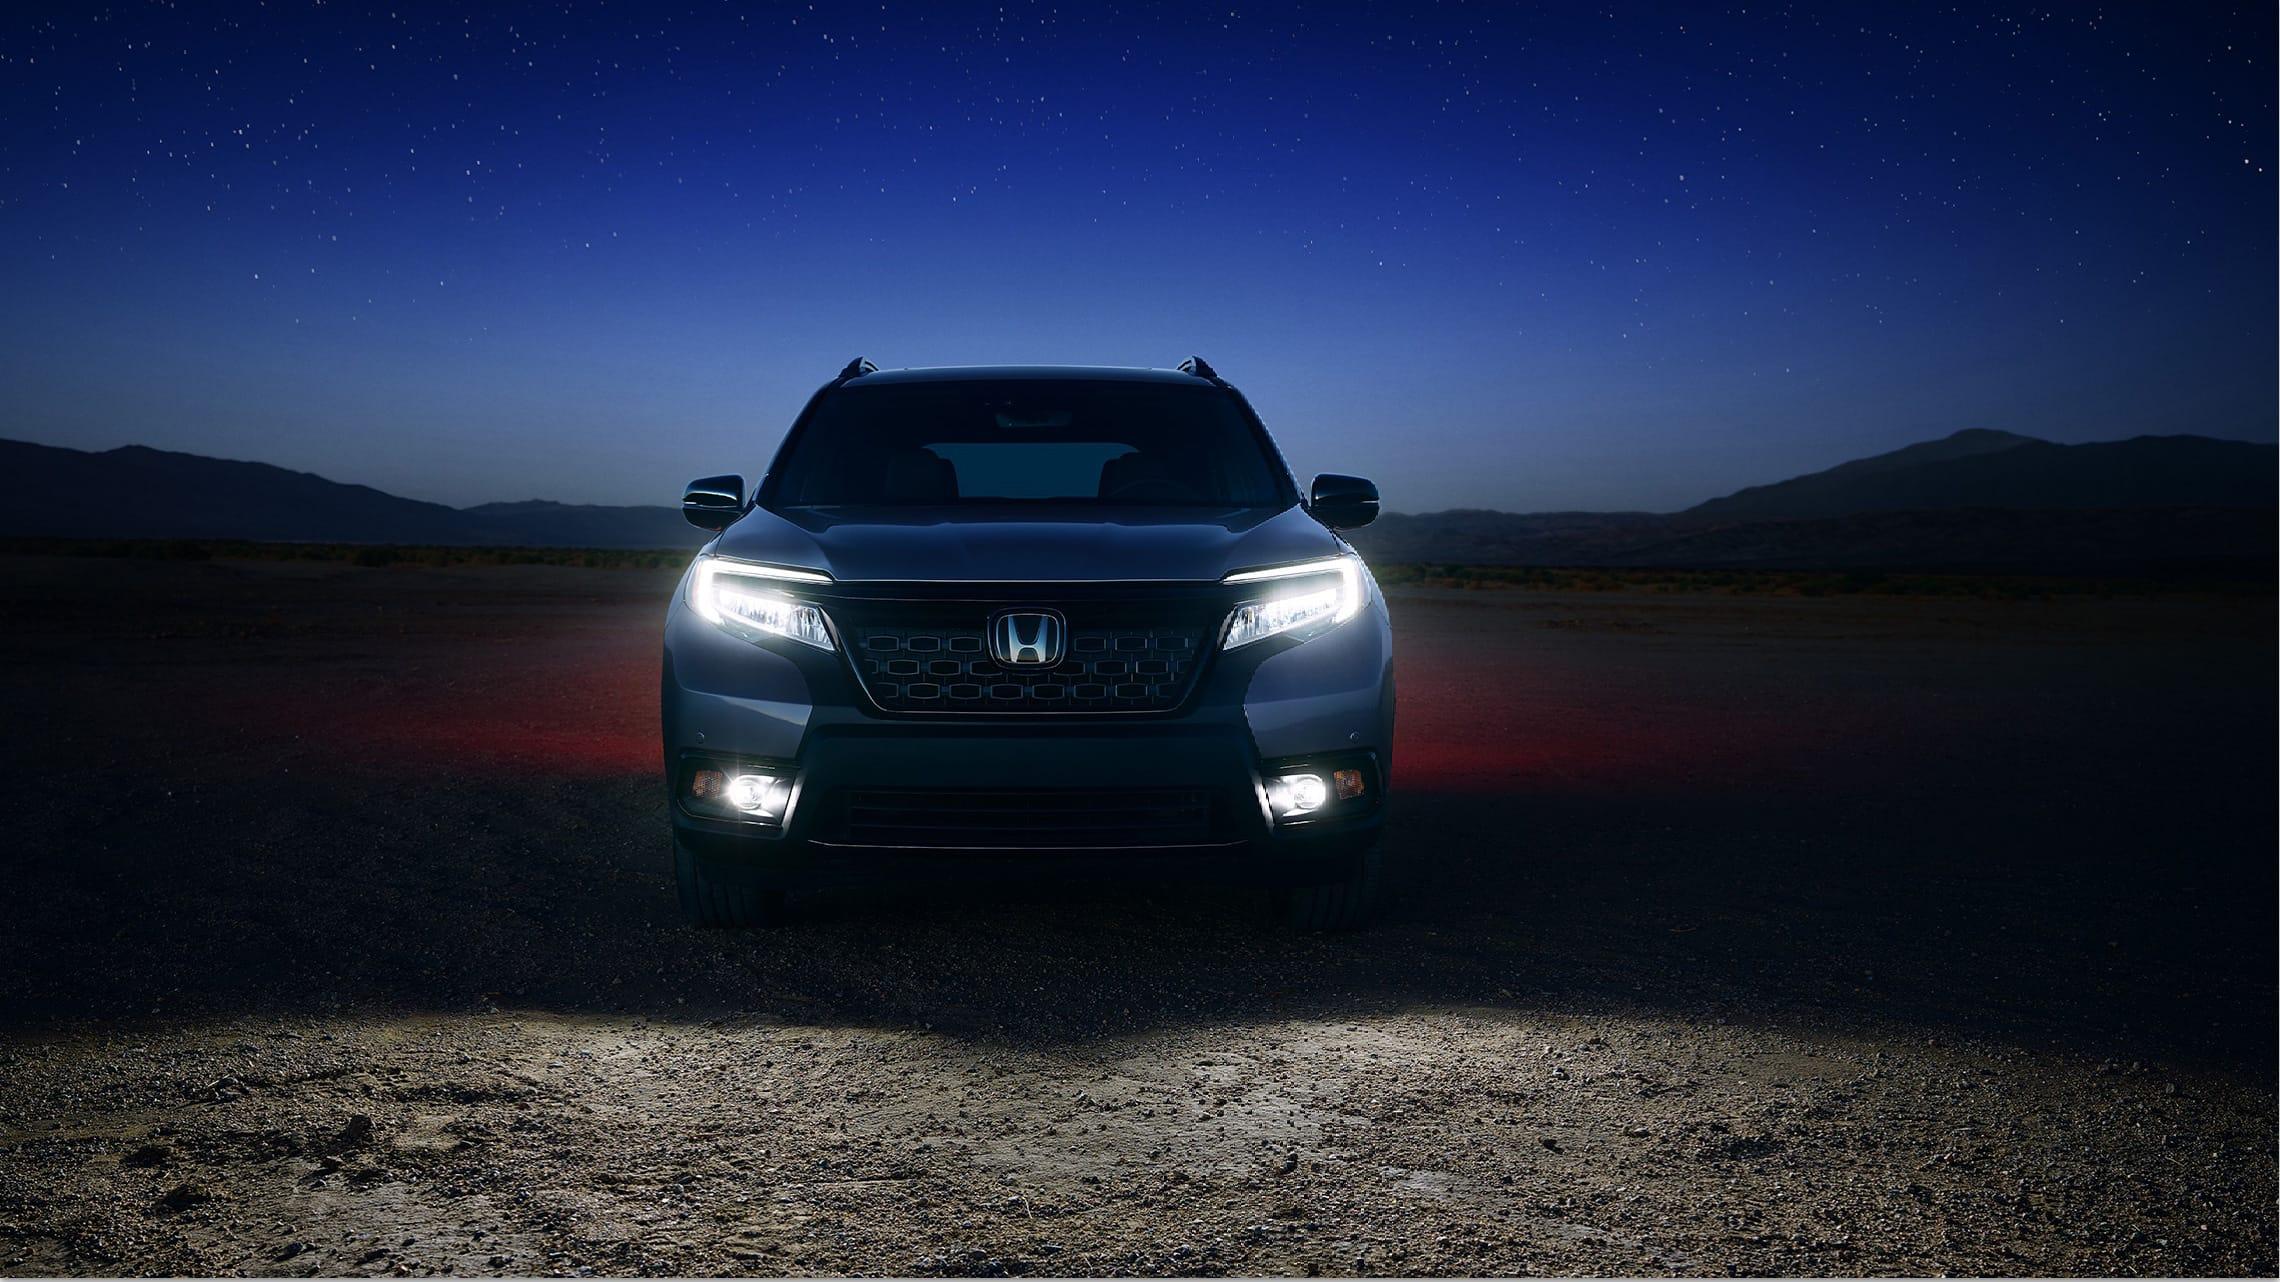 Vista frontal directa de la Honda Passport Elite2021 en Modern Steel Metallic con luces delanteras bajas de LED y faros antiniebla encendidos.